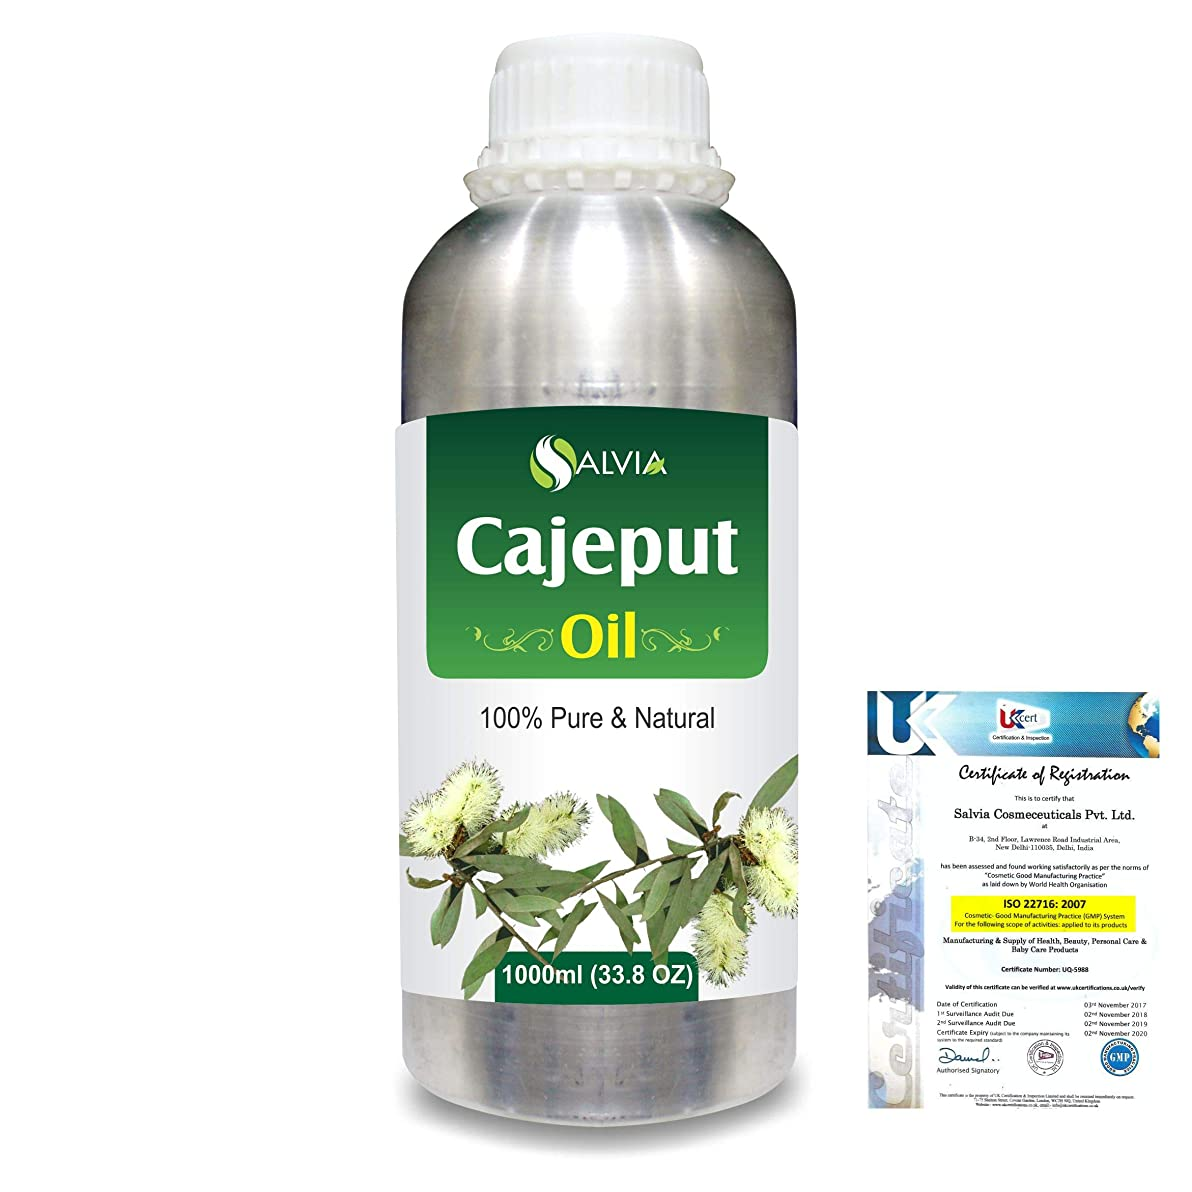 マネージャー匿名スキルCajeput (Melaleuca leucadendron) 100% Natural Pure Essential Oil 1000ml/33.8fl.oz.